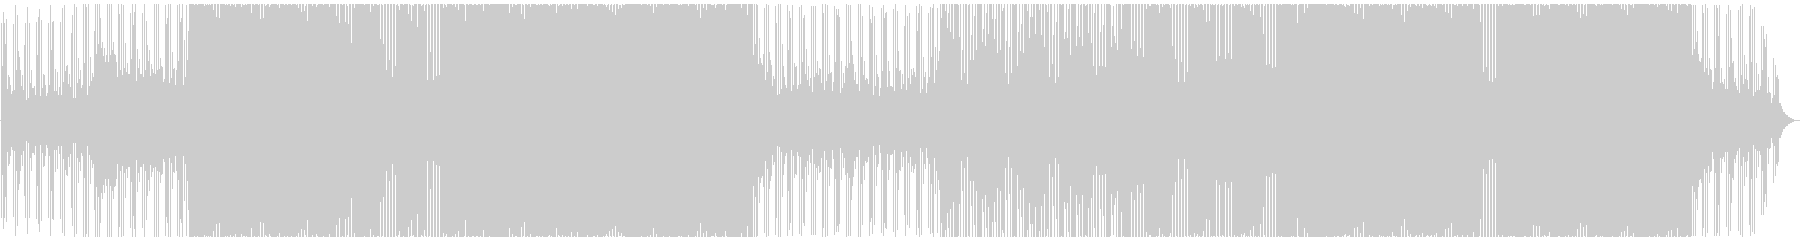 クラブ/ハードハウス/ハードテクノの未再生の波形